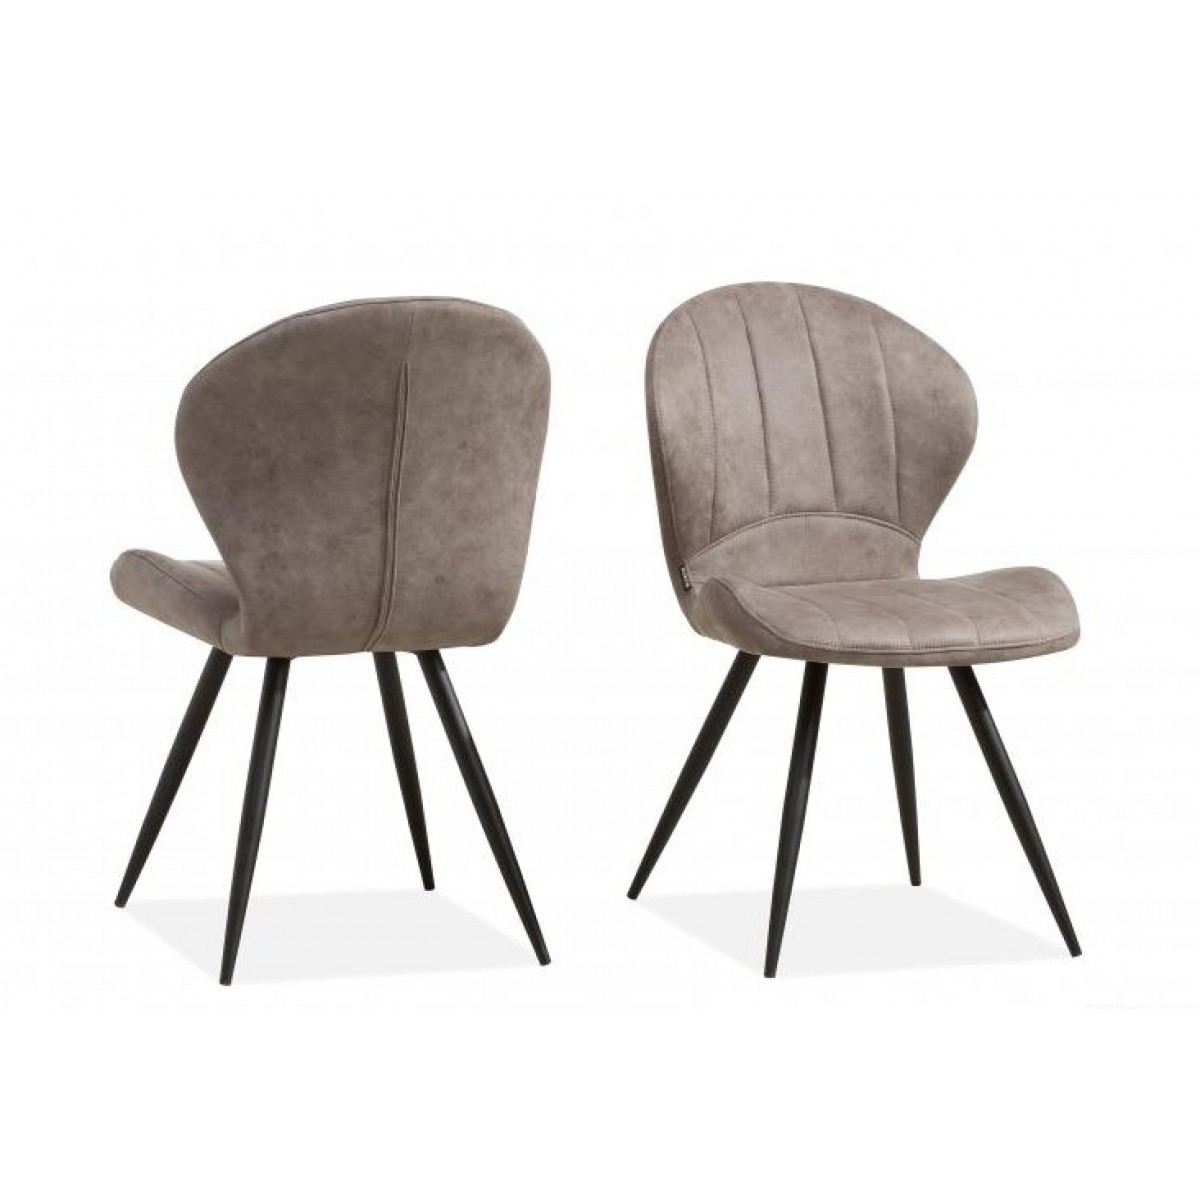 Magic-stoel-eetkamerstoel-trendy-retro-vintage-cognac-pebble-steel